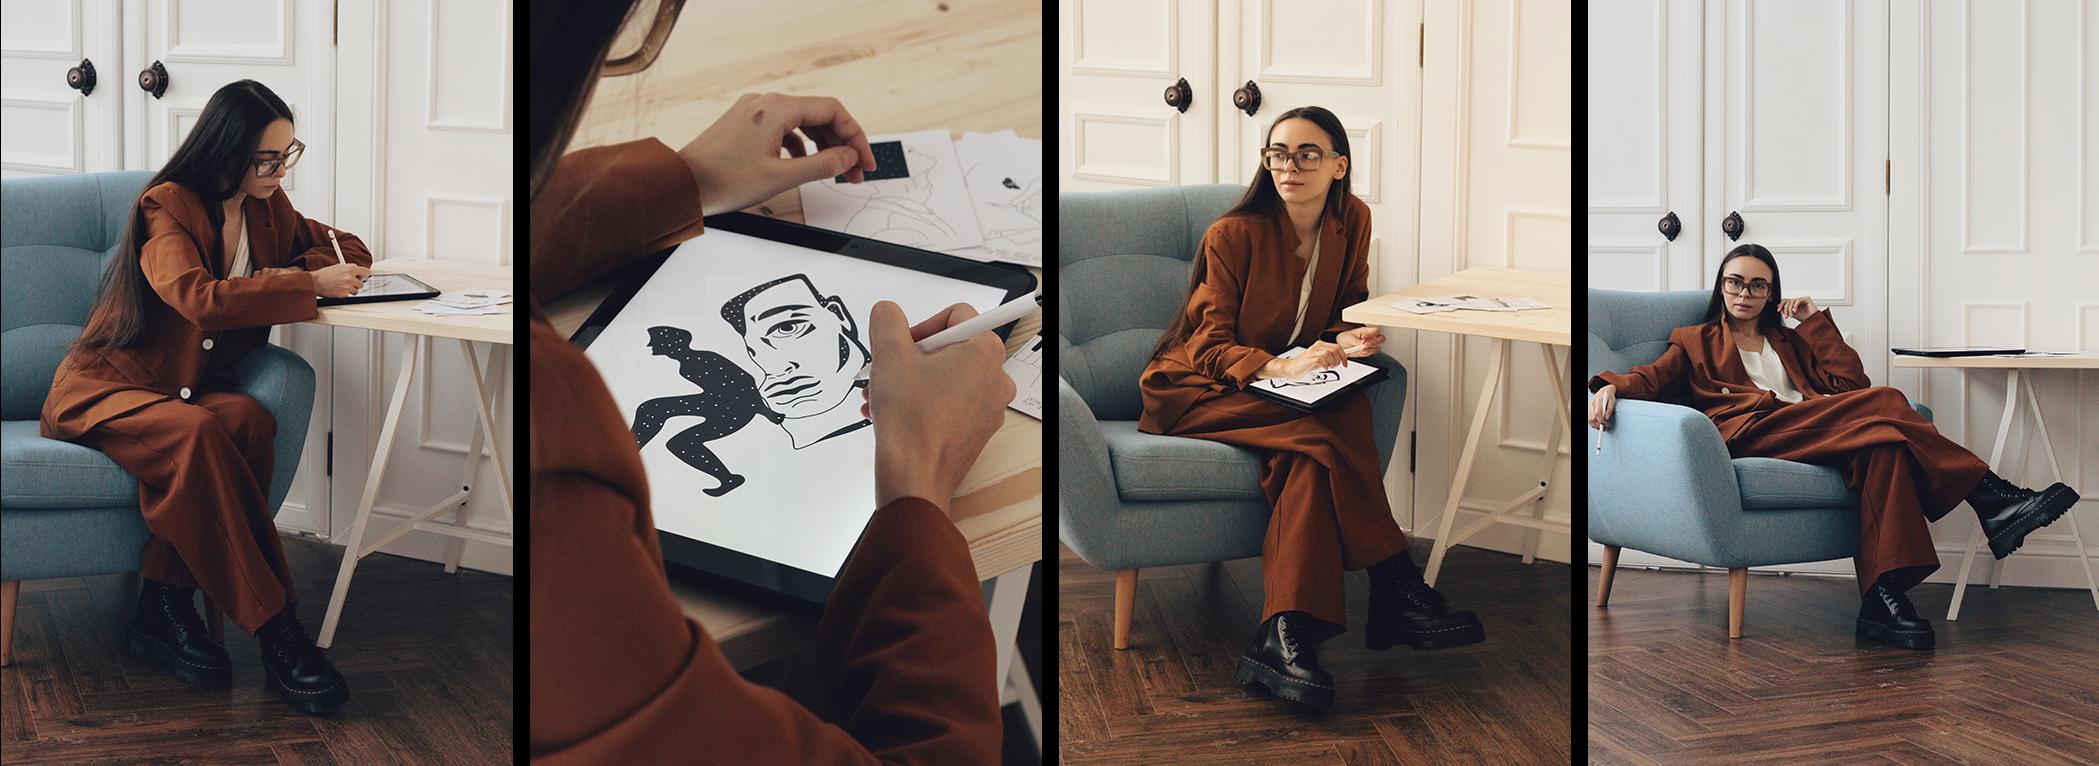 illustrator daria miller